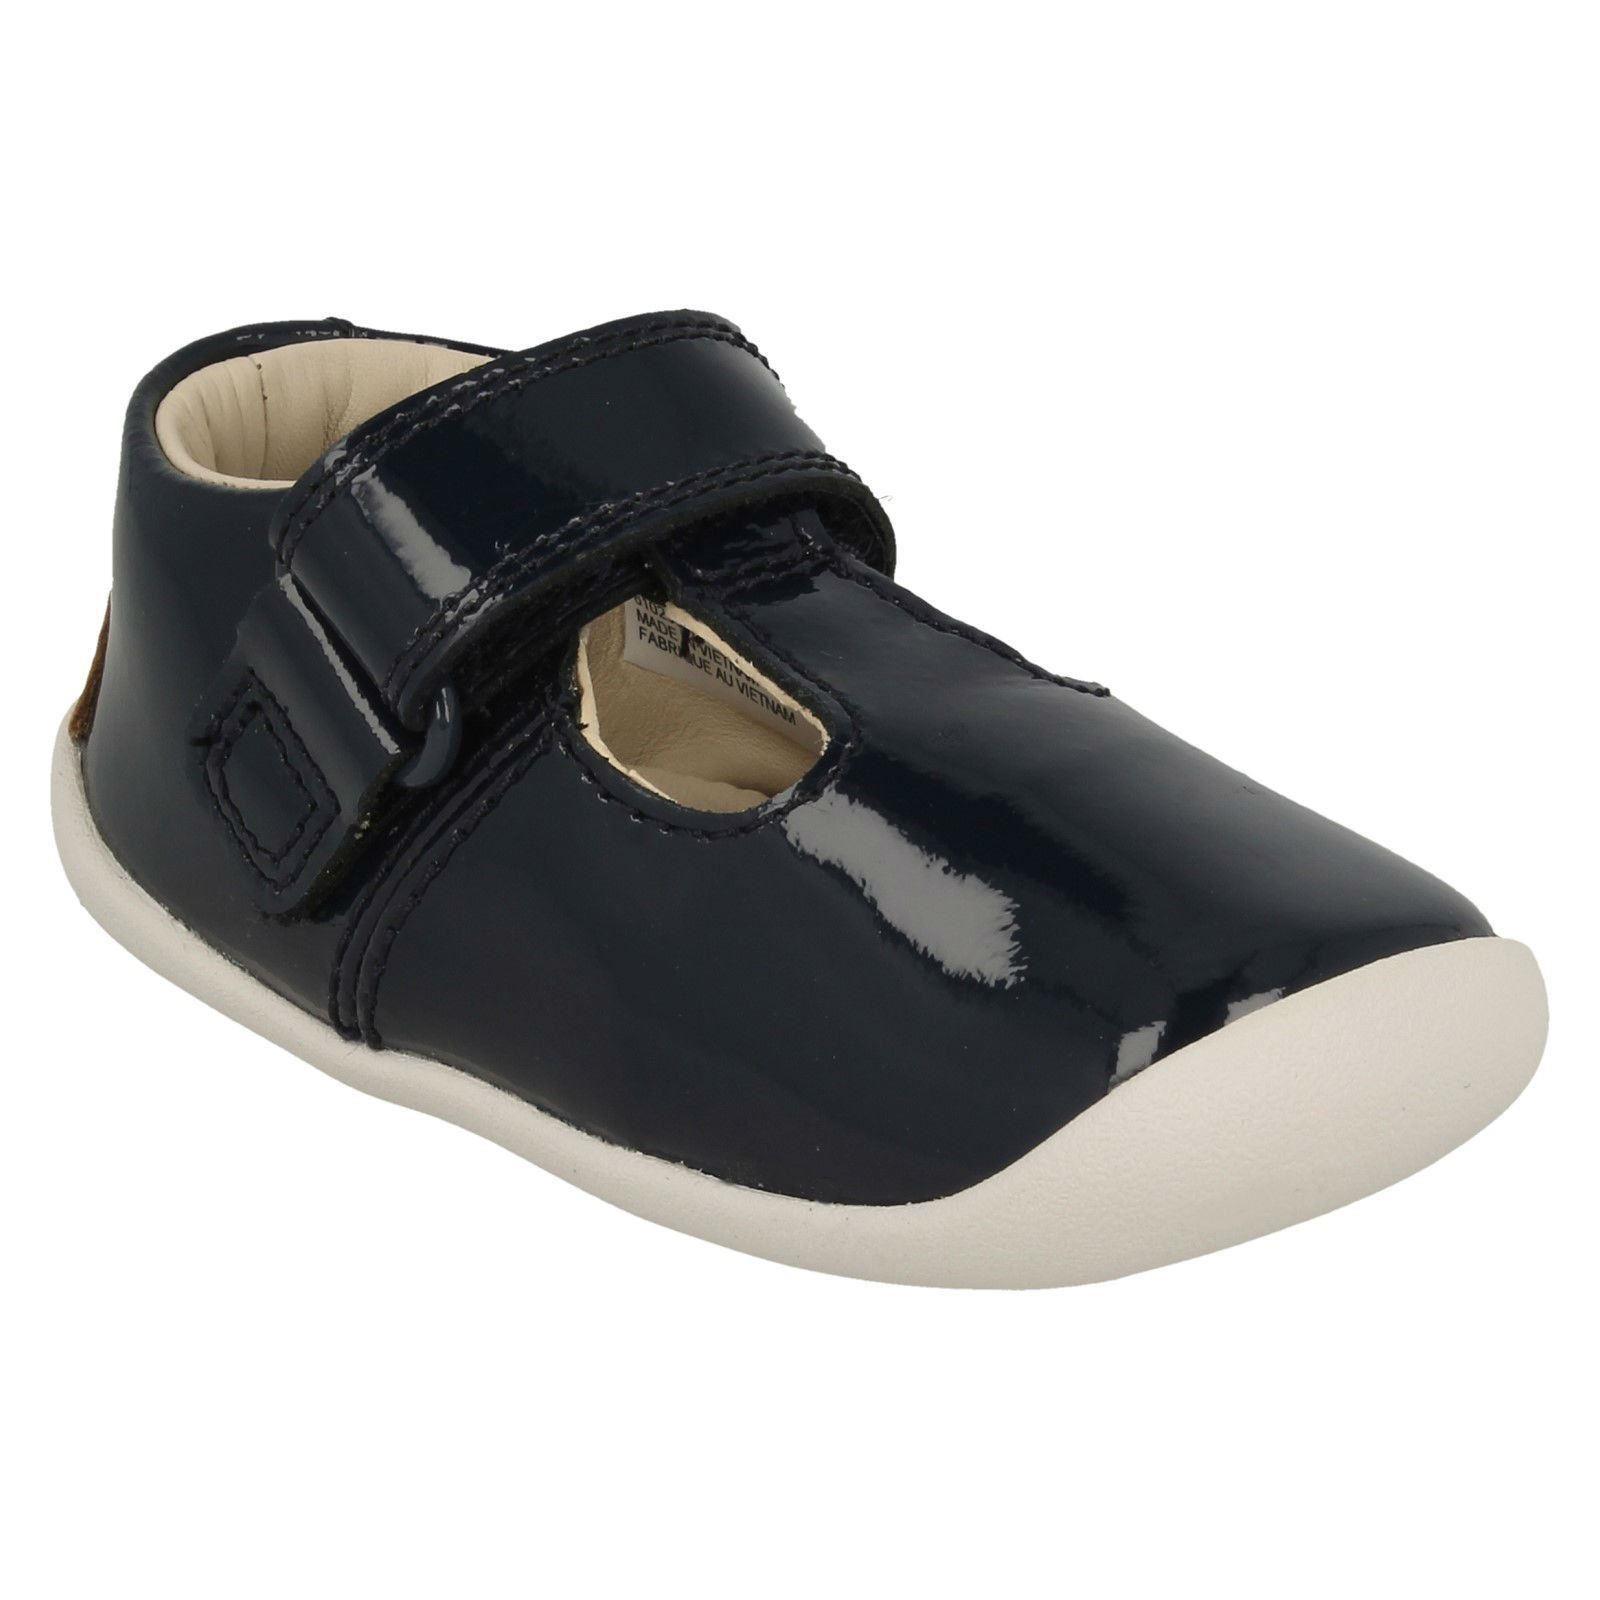 Girls Clarks T-Bar First Shoes /'Roamer Go/'